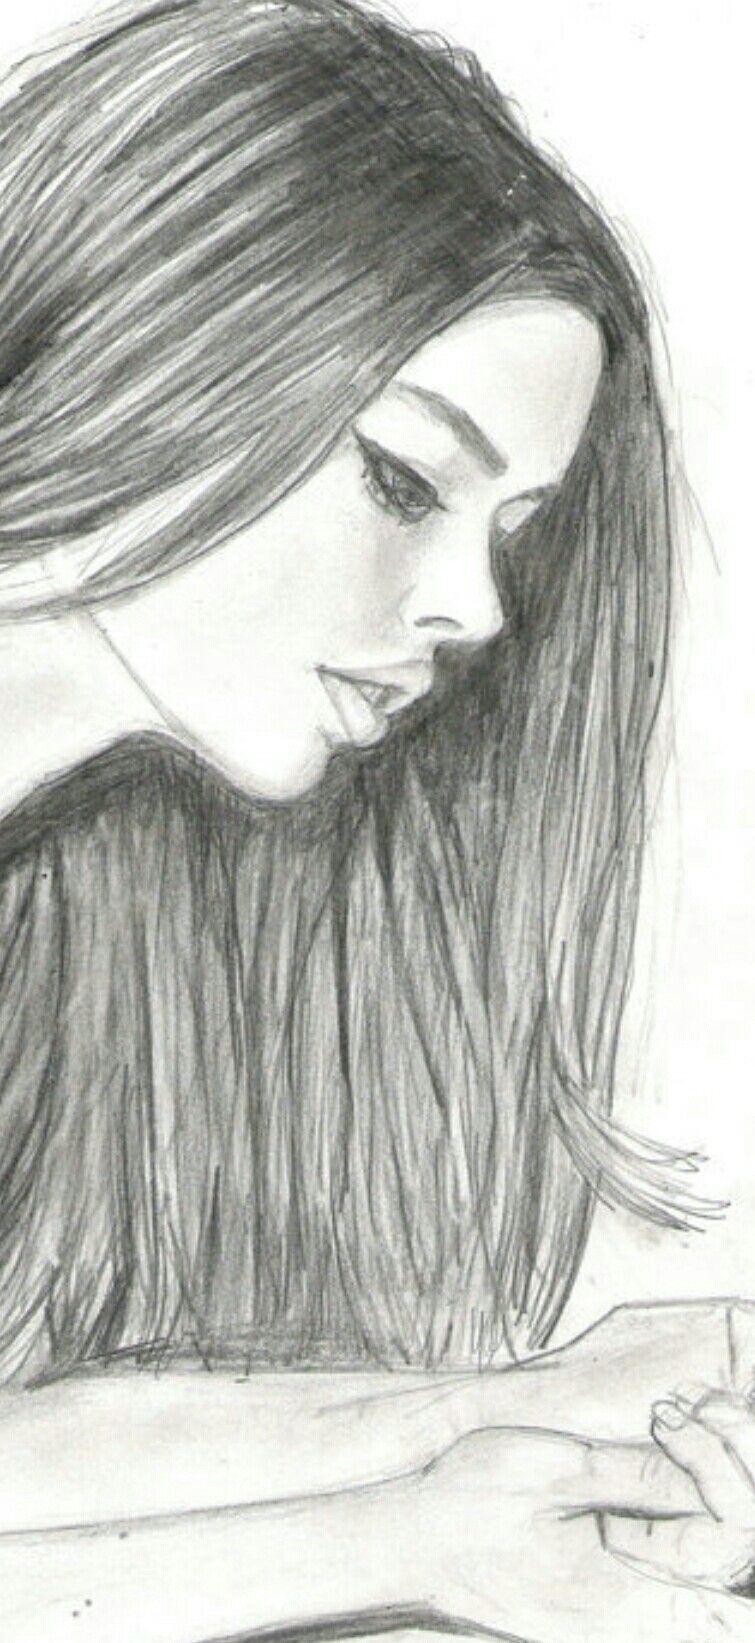 Pencil drawing pics